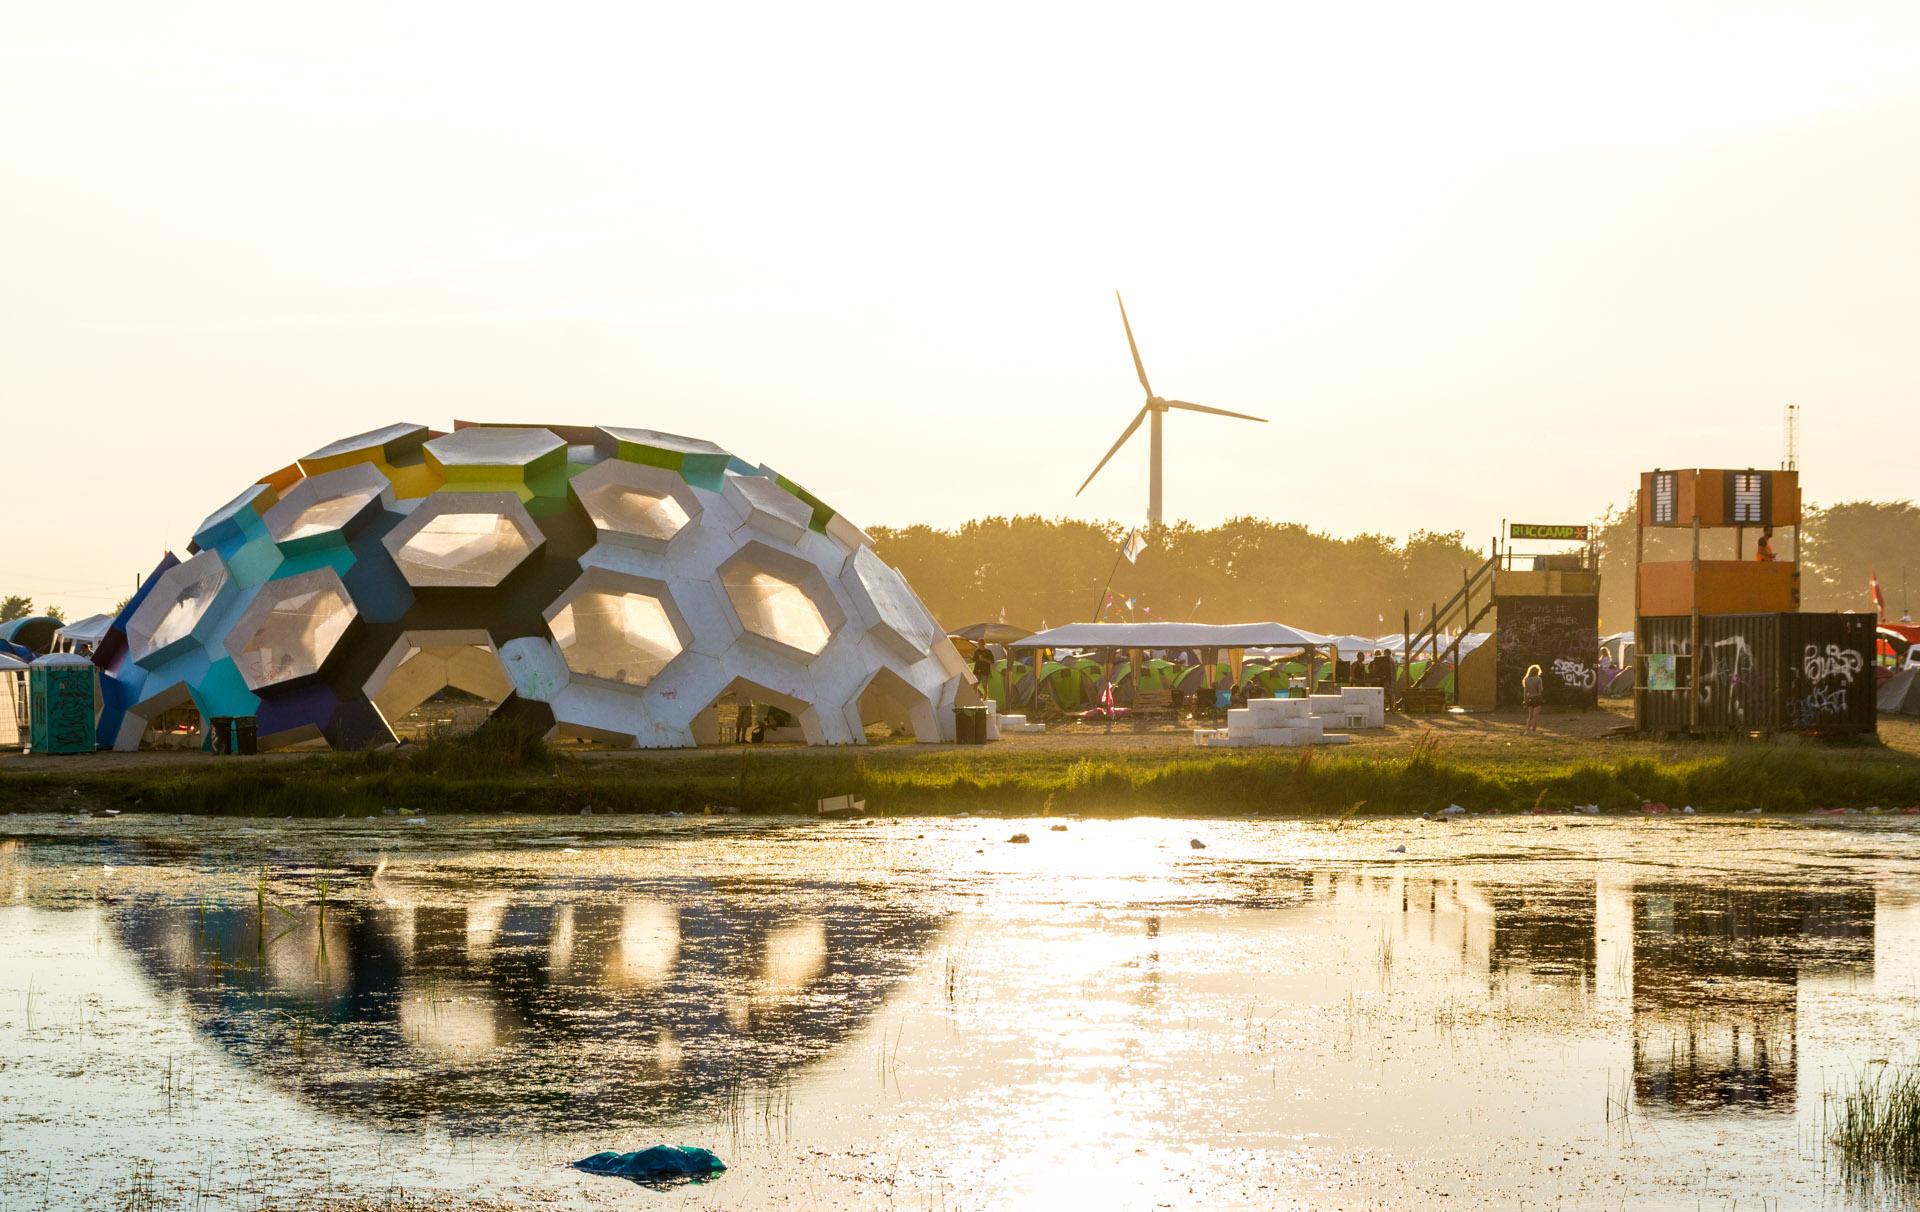 """""""Dream City"""", en bærekraftig camp på Roskildefestivalen, er et eksempel på en måte å fremme klimavennlig tenkning på som ikke skaper frykt, og som oppfordrer til deltakelse. Foto: Thomas Rousing, lisensiert under CC BY 2.0."""